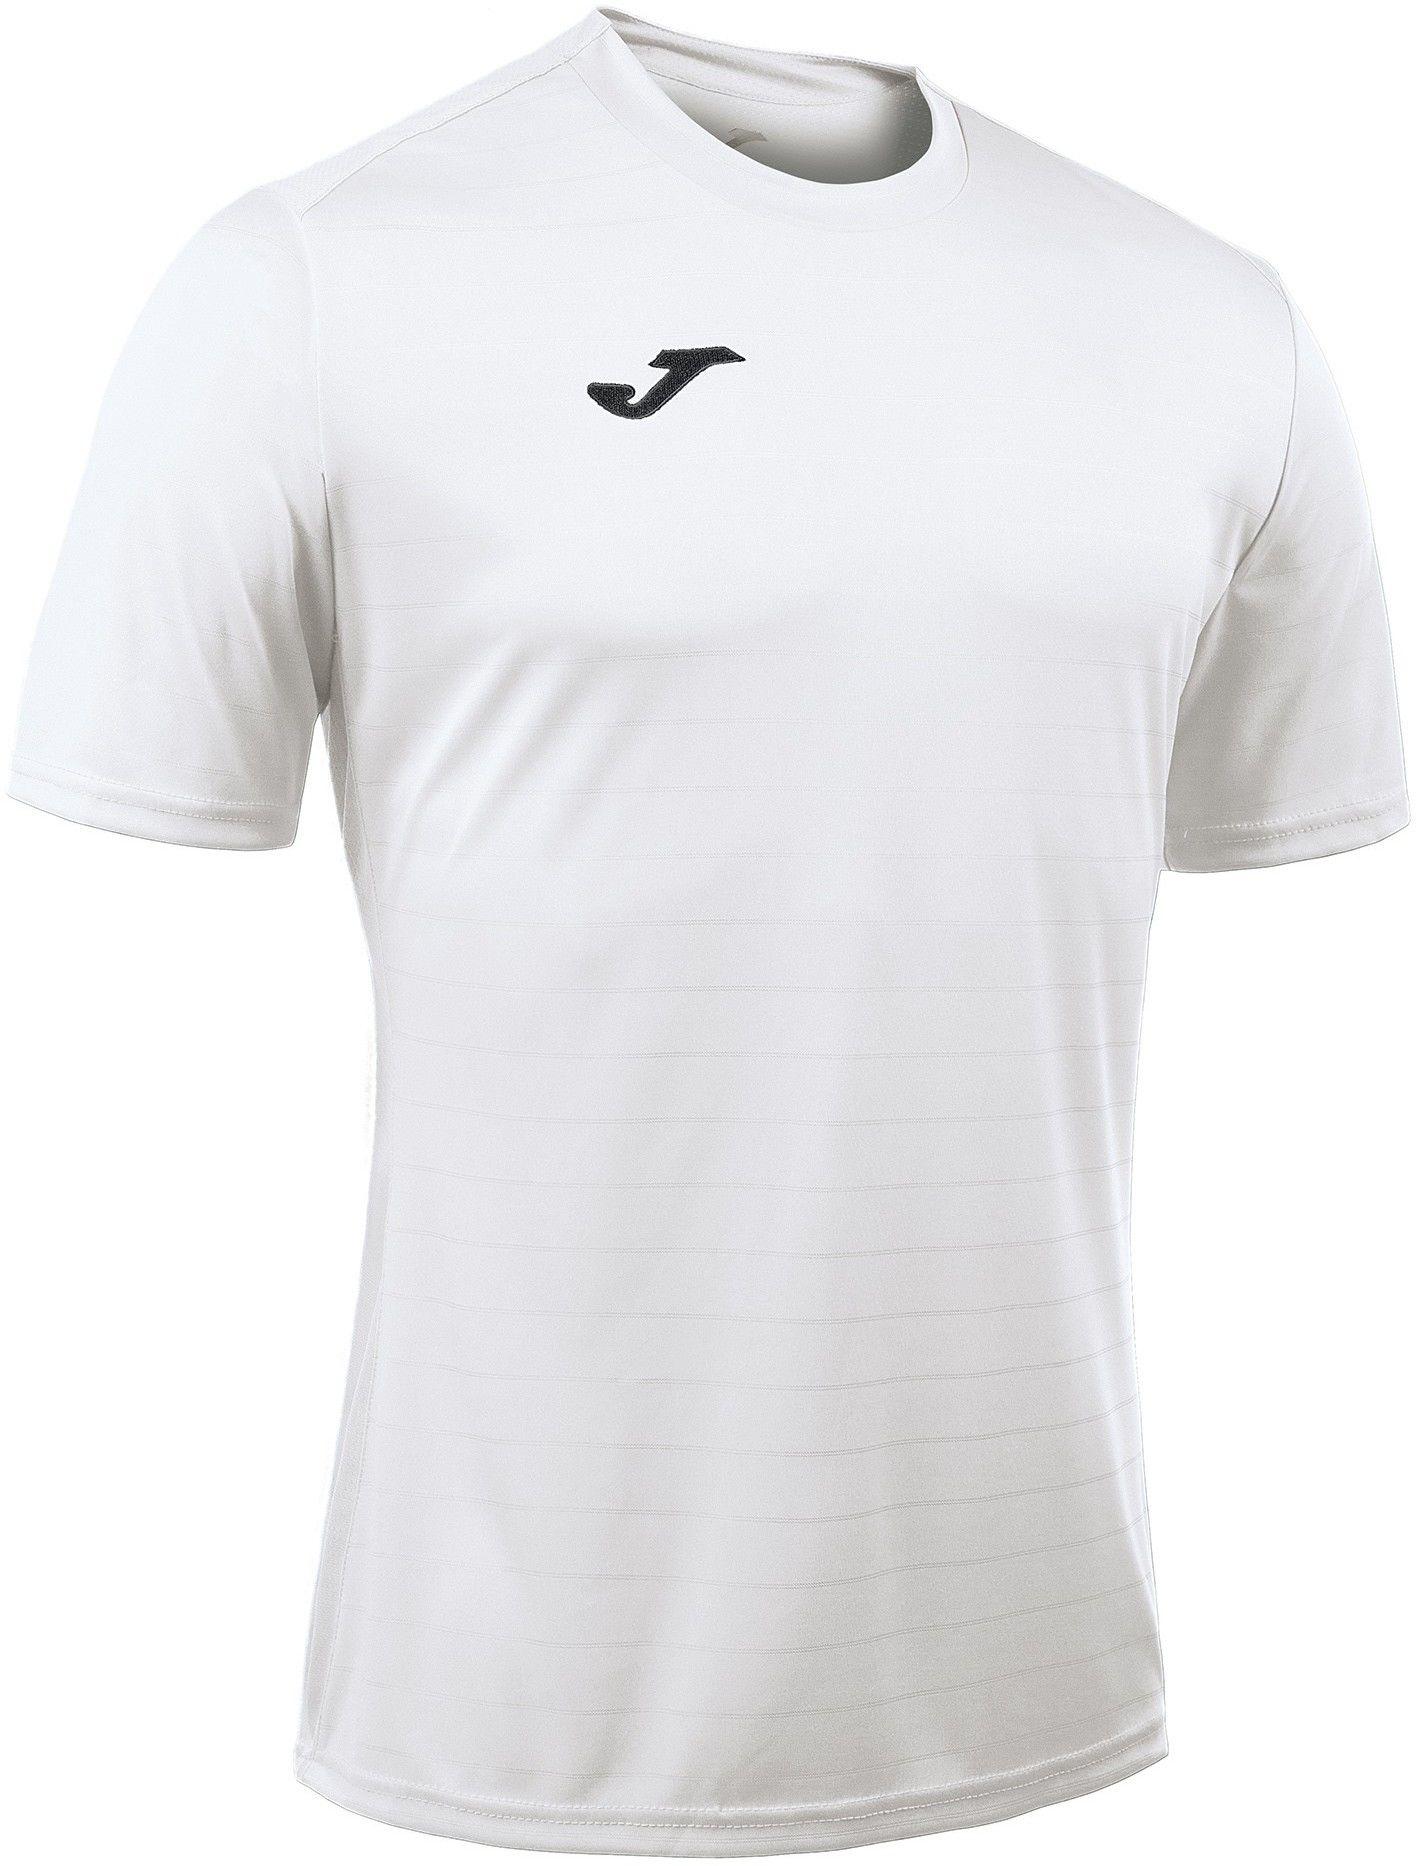 Koszulka Joma Campus white (10 szt.)